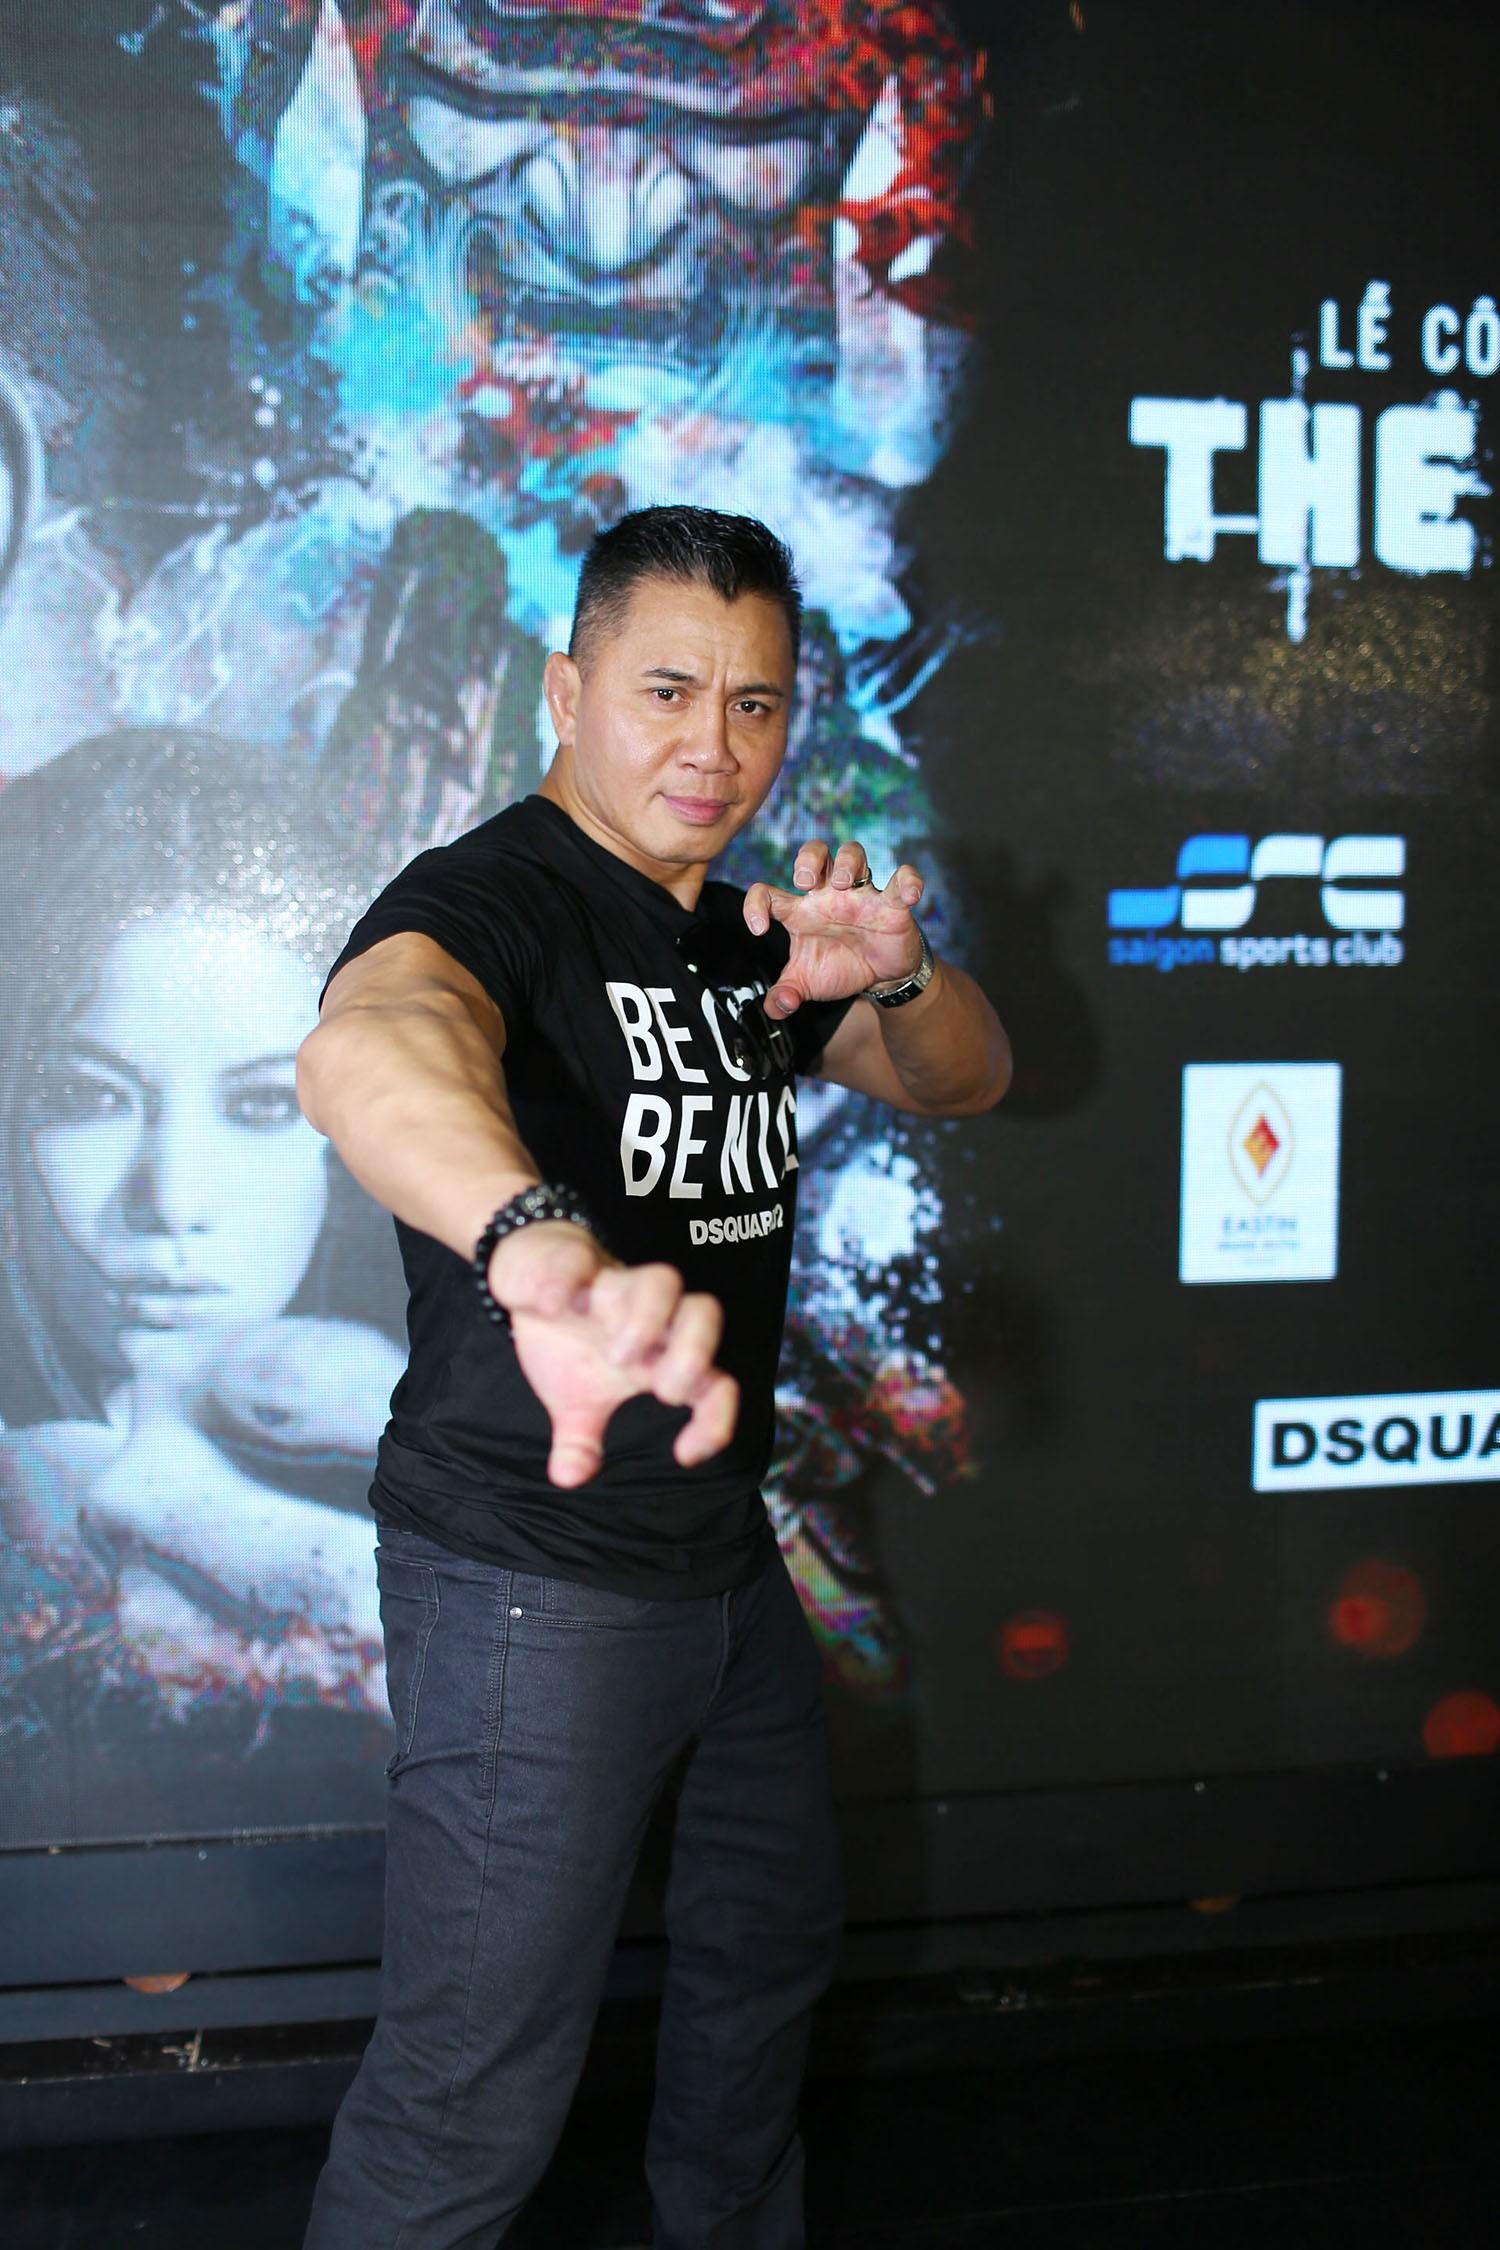 Trương Ngọc Ánh lại chơi lớn khi kết hợp ngôi sao võ thuật gốc Việt nổi nhất thế giới vào phim điện ảnh mới - Ảnh 5.